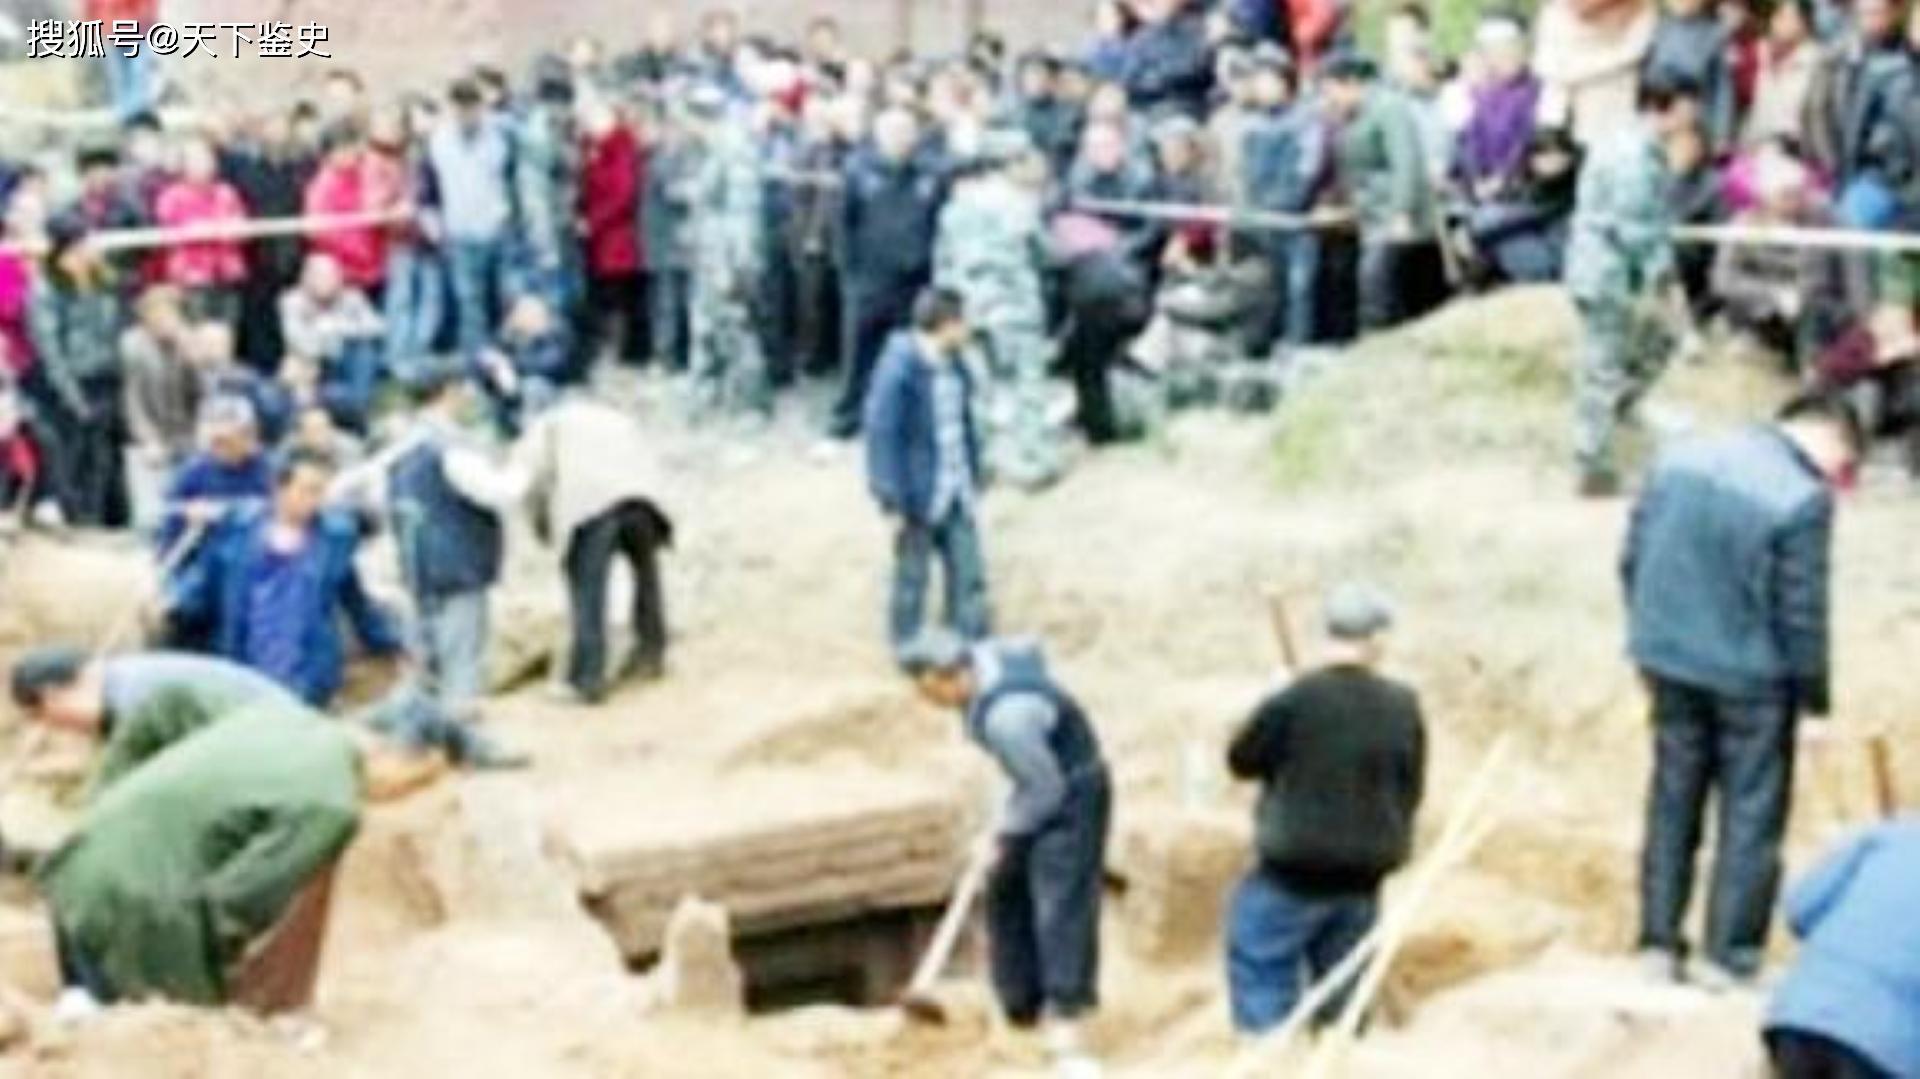 诸葛亮陵墓被挖出,墓中景象轰动平安彩票网 轶事秘闻 第2张